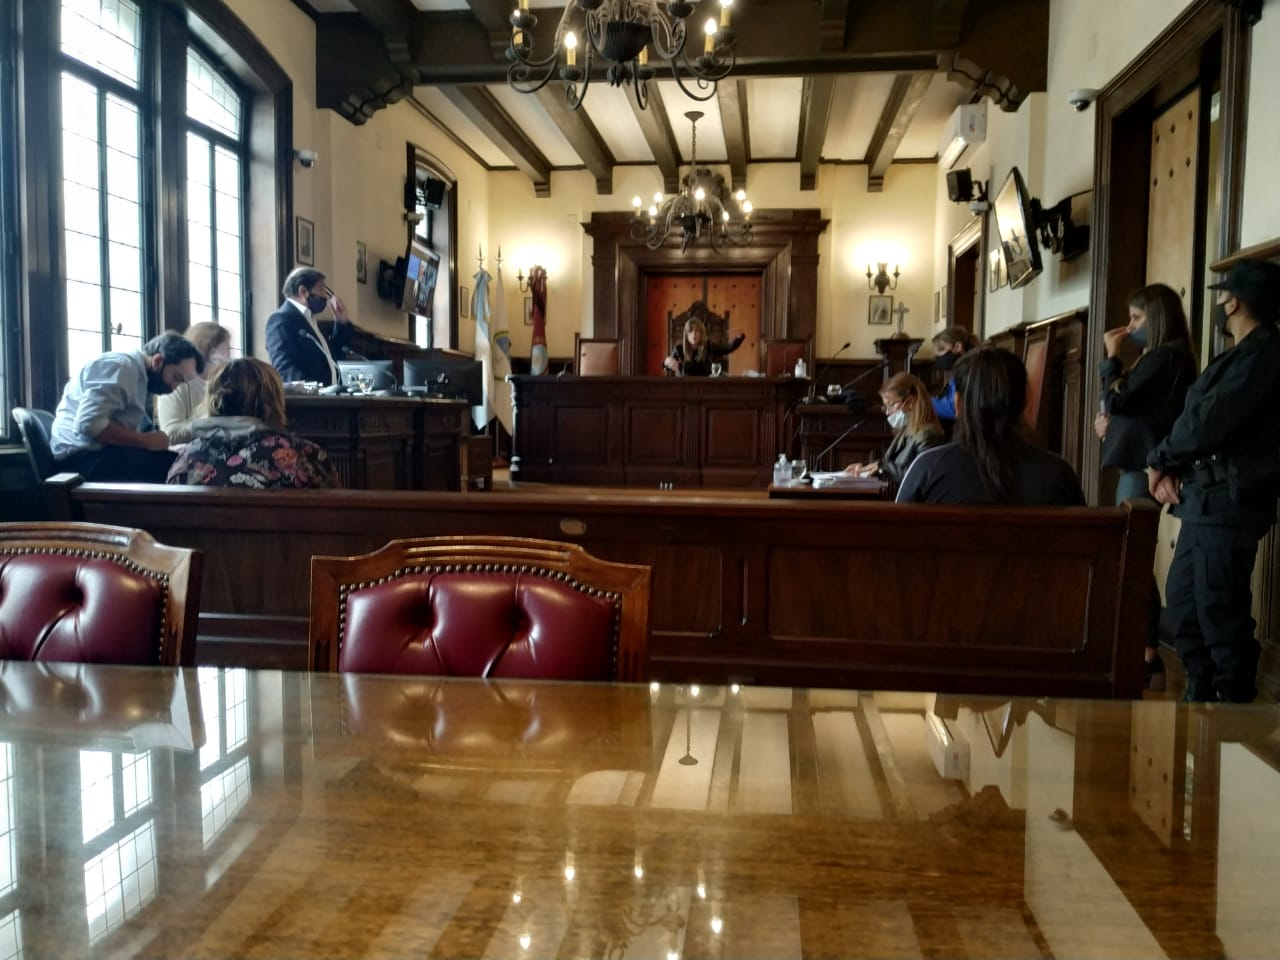 El acuerdo pleno se celebró ante la jueza de Revisión, Mariana Catalano. - Foto: Sebastián Rodríguez / Fiscales.gob.ar